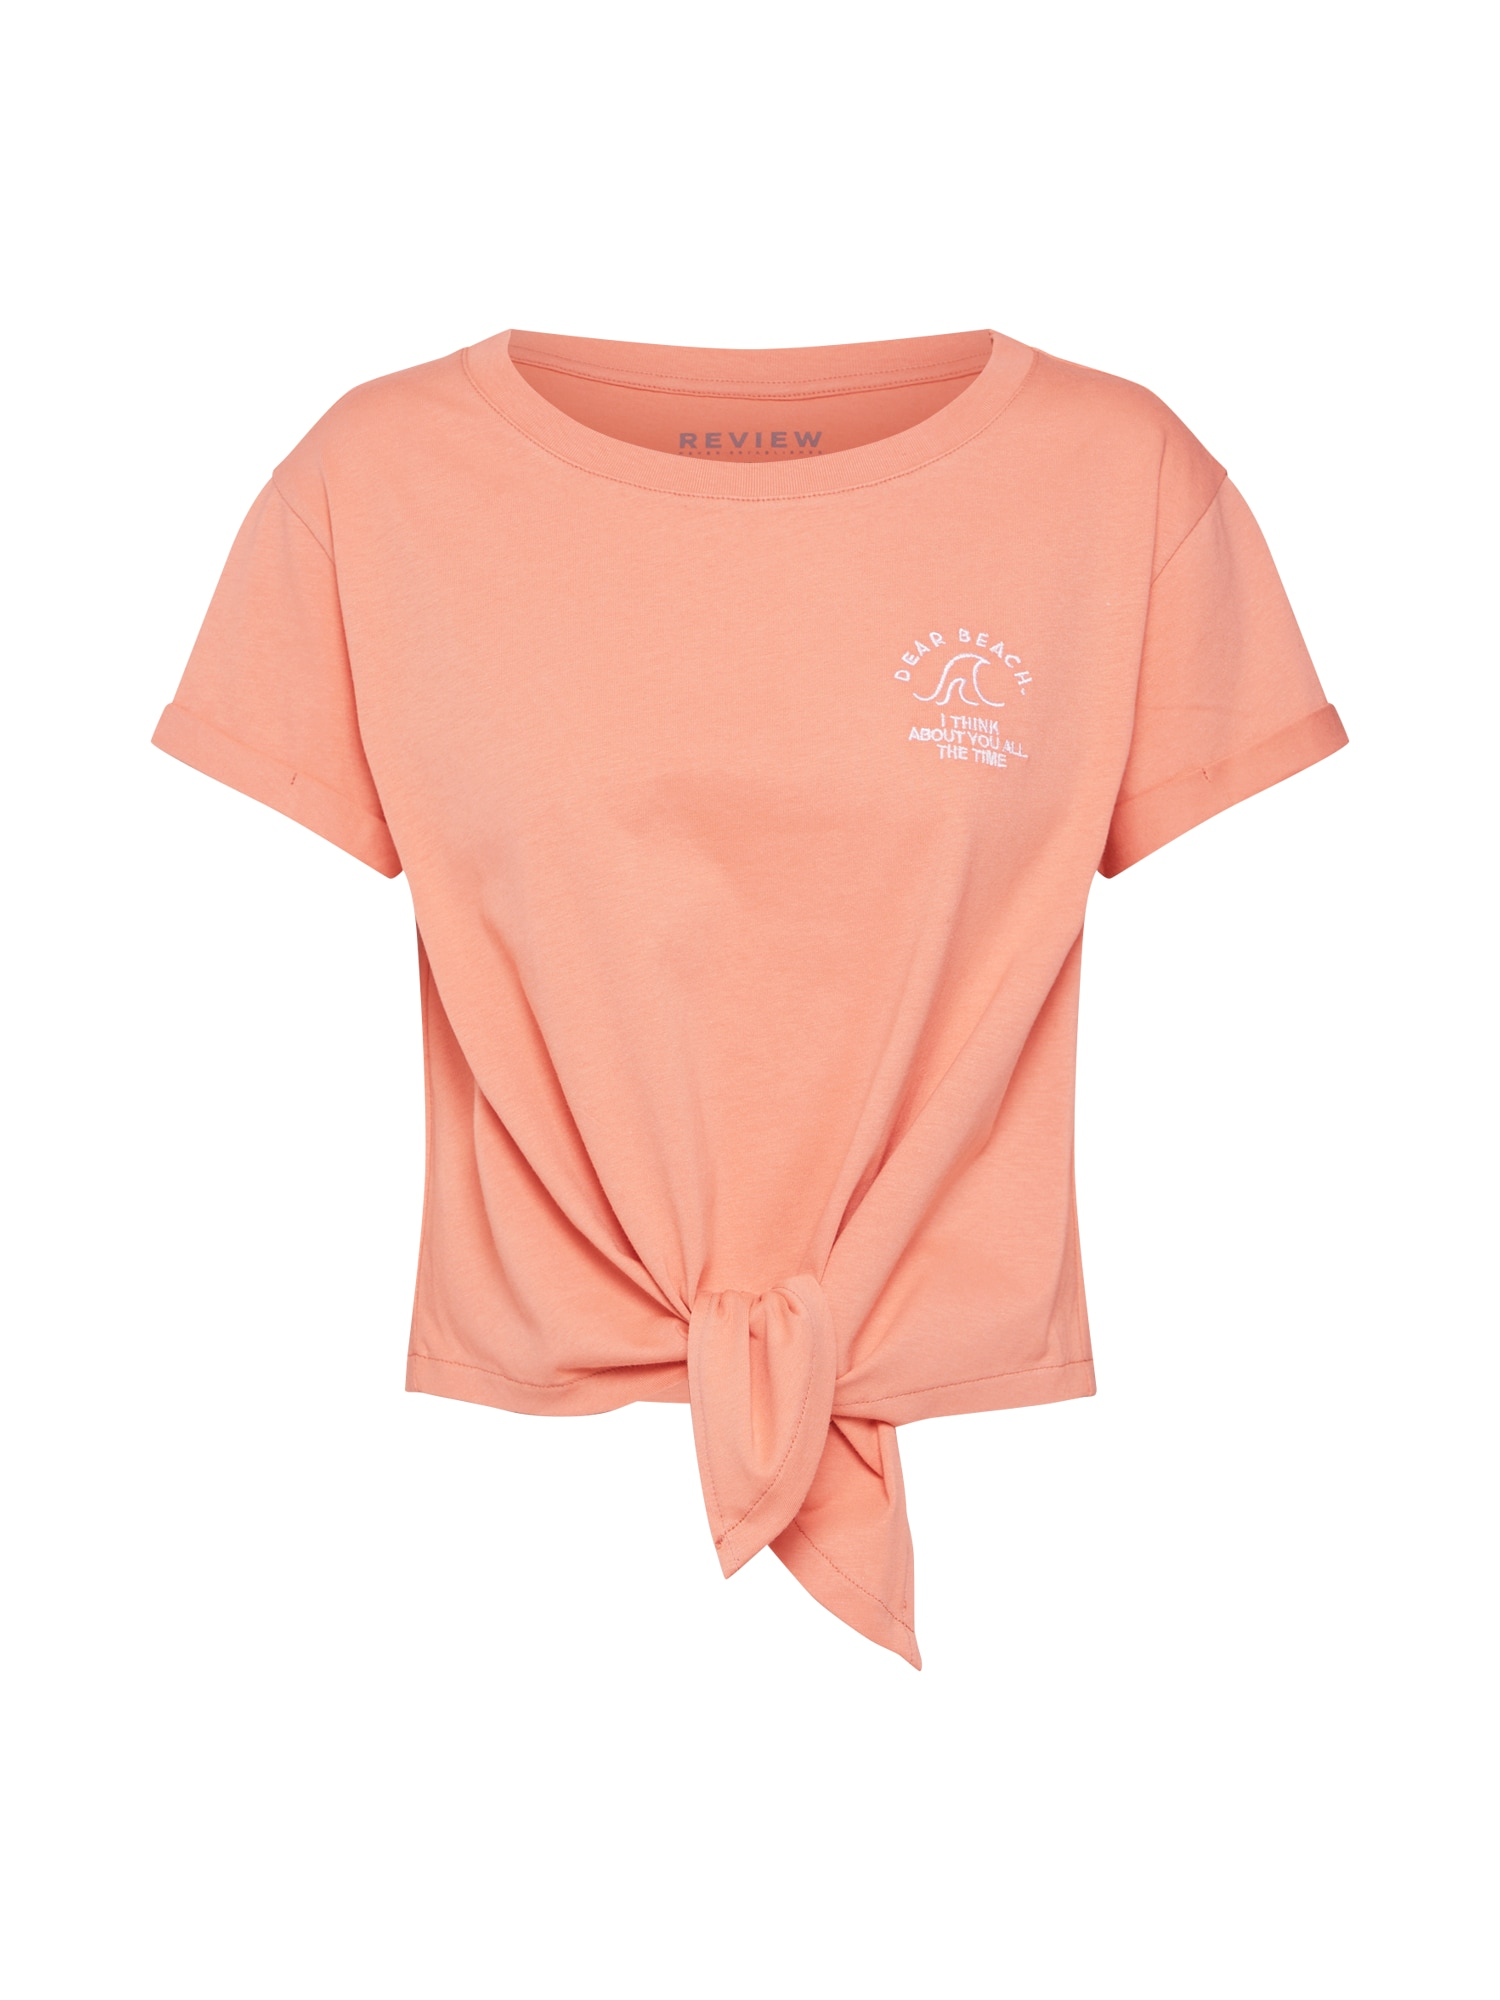 Tričko oranžová Review